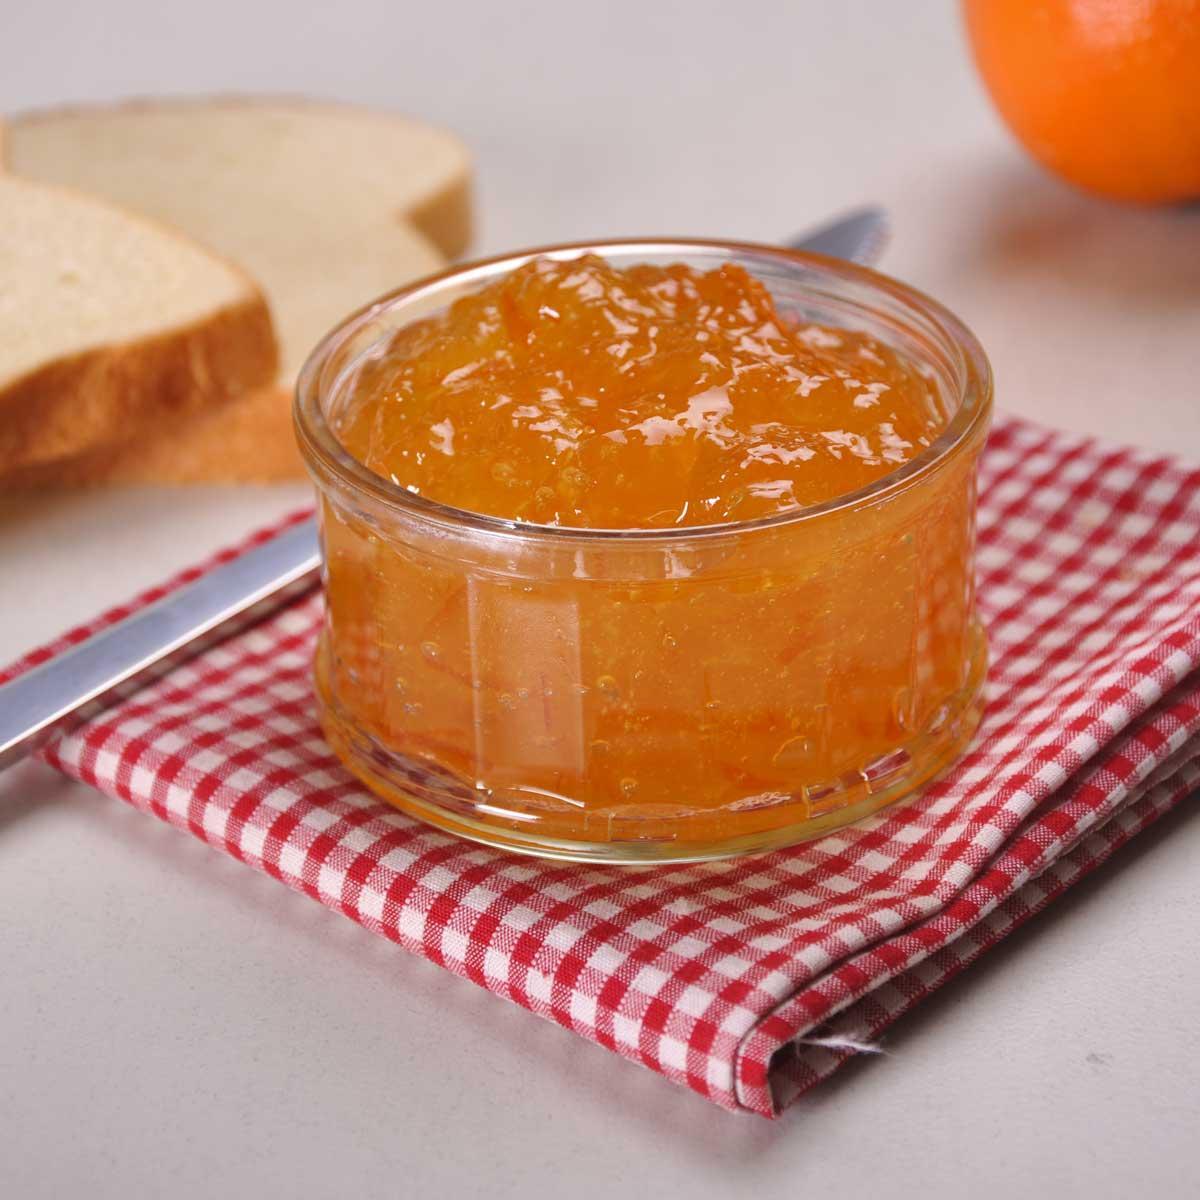 Recette confiture d 39 oranges am res cuisine madame figaro - Marmelade d orange amere ...